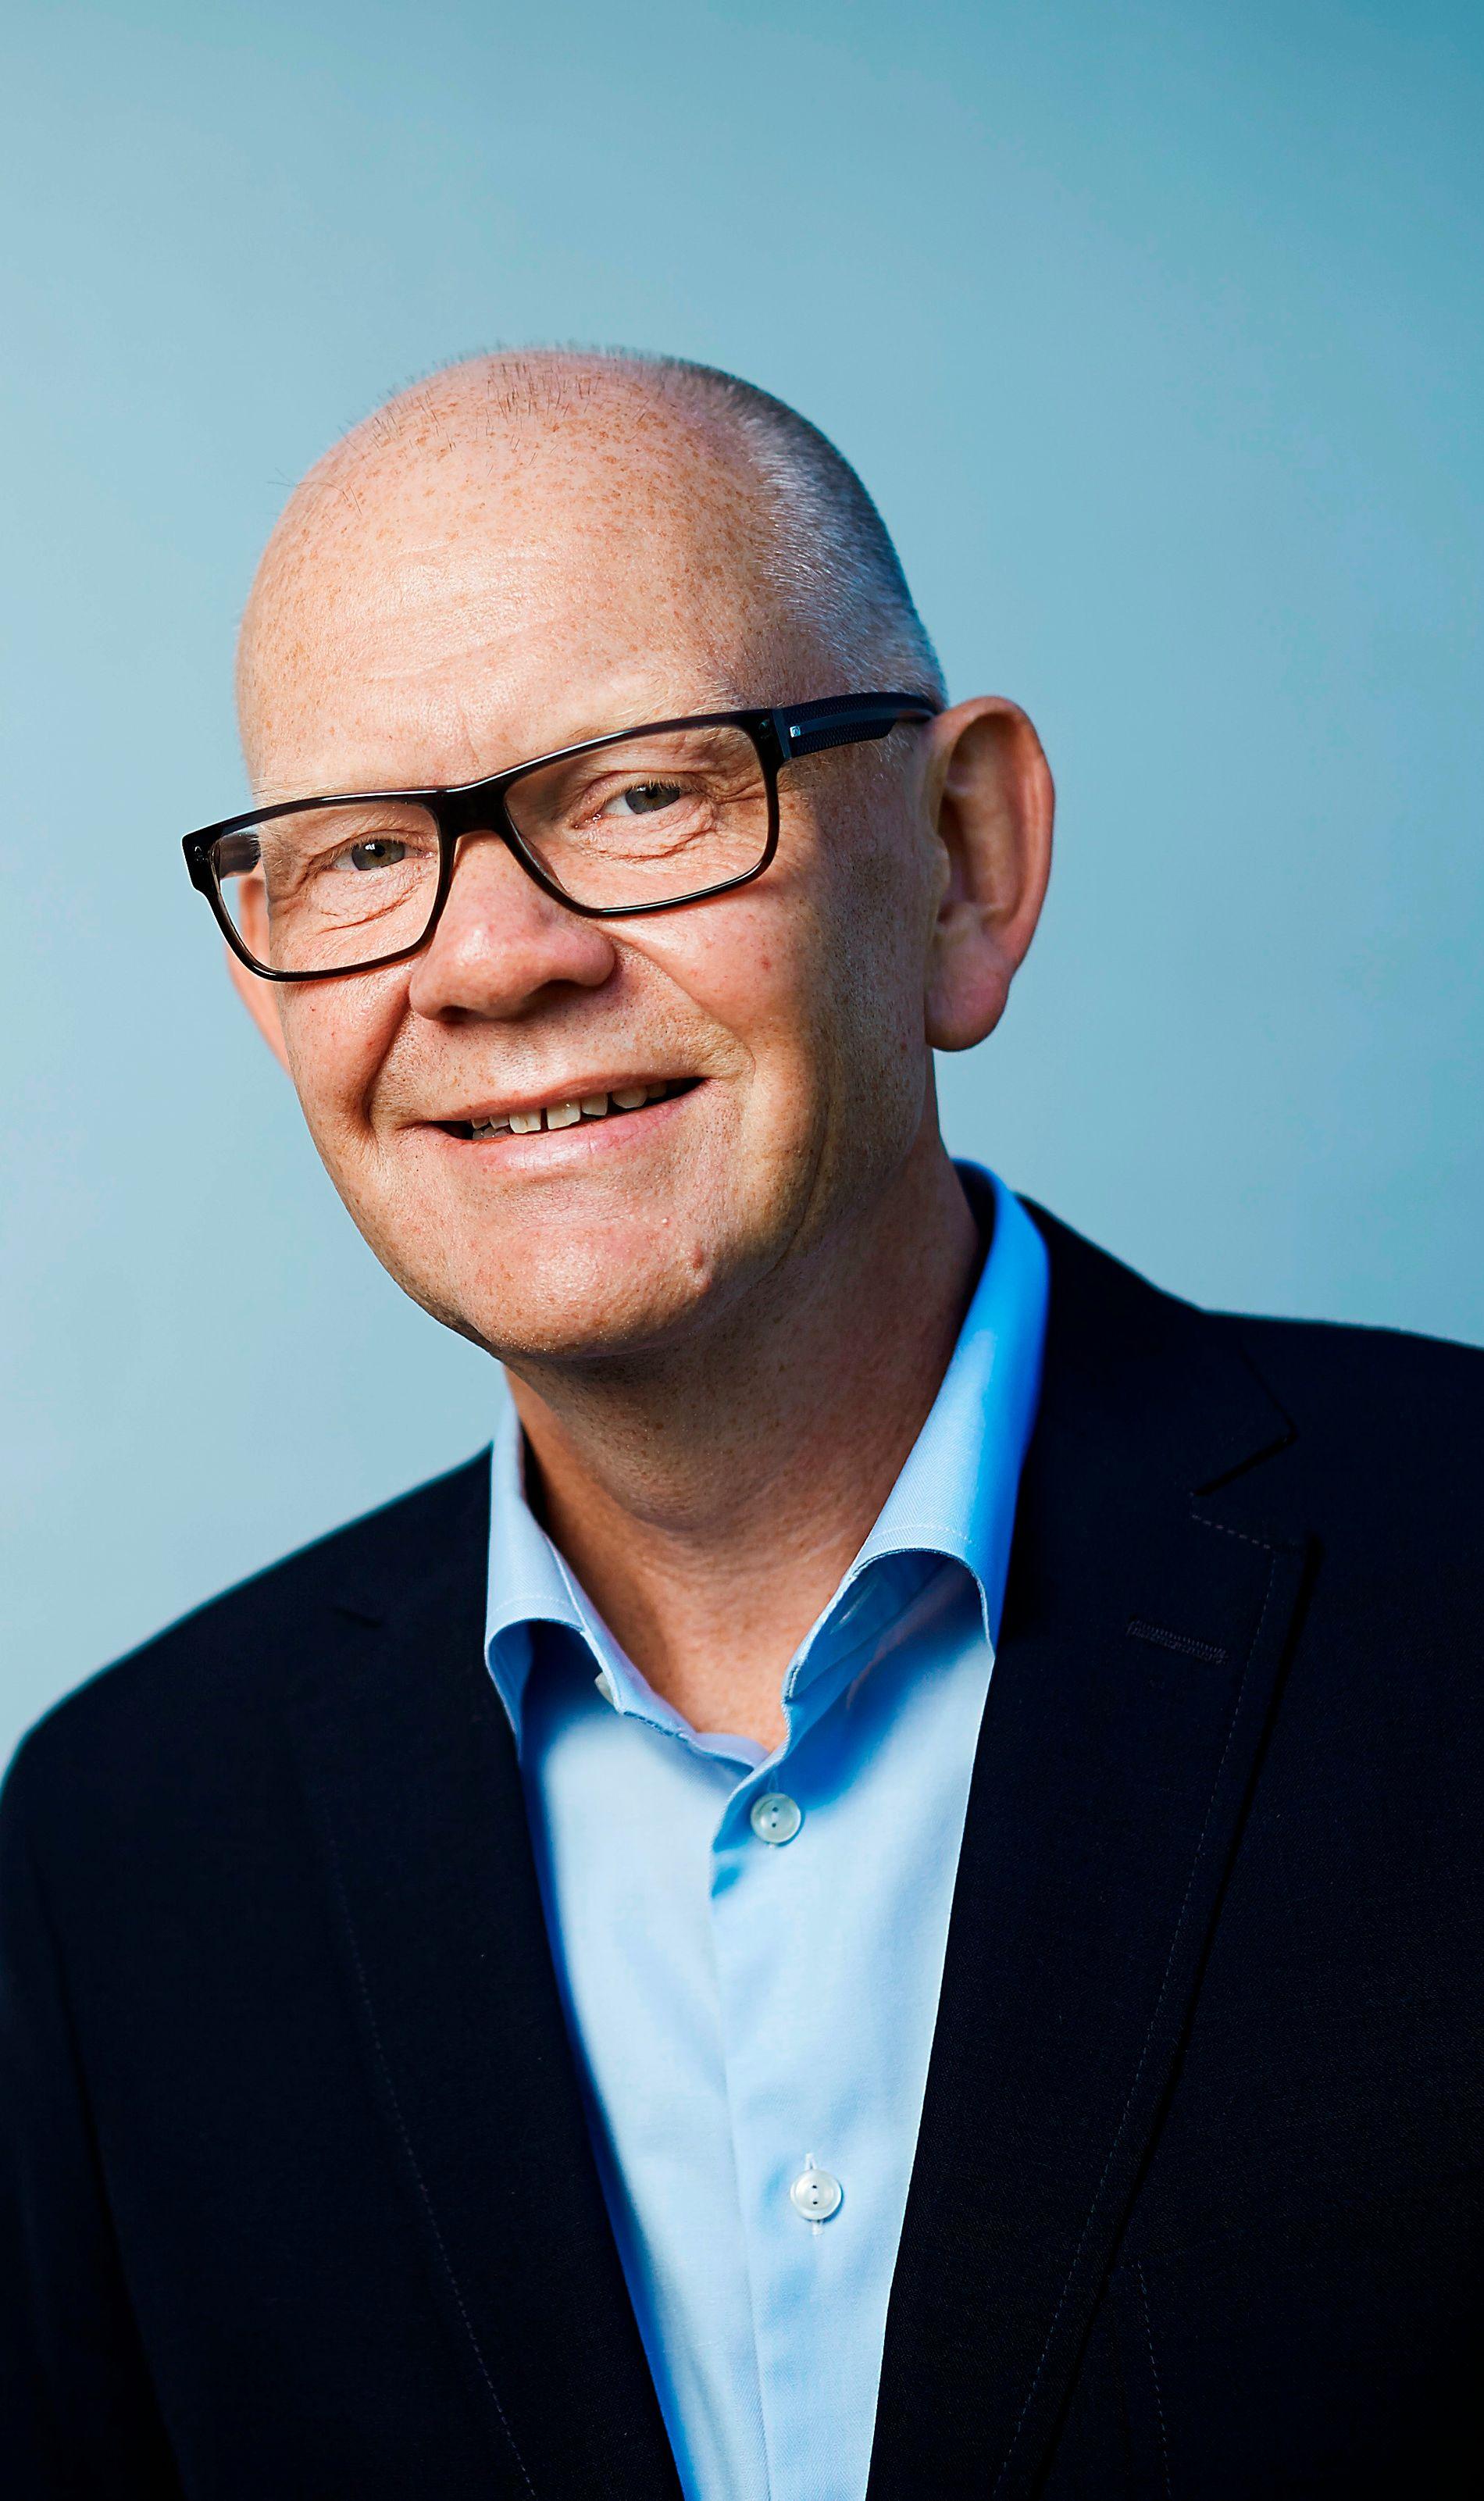 Kommunikasjonsdirektør Dag Olav Stokken i Orkla Foods Norge frykter nå at de må kaste 500.000 bokser Nugatti-pålegg om de ikke får gjennomslag for klagen de har sendt til Mattilsynets hovedkontor. Foto: ORKLA